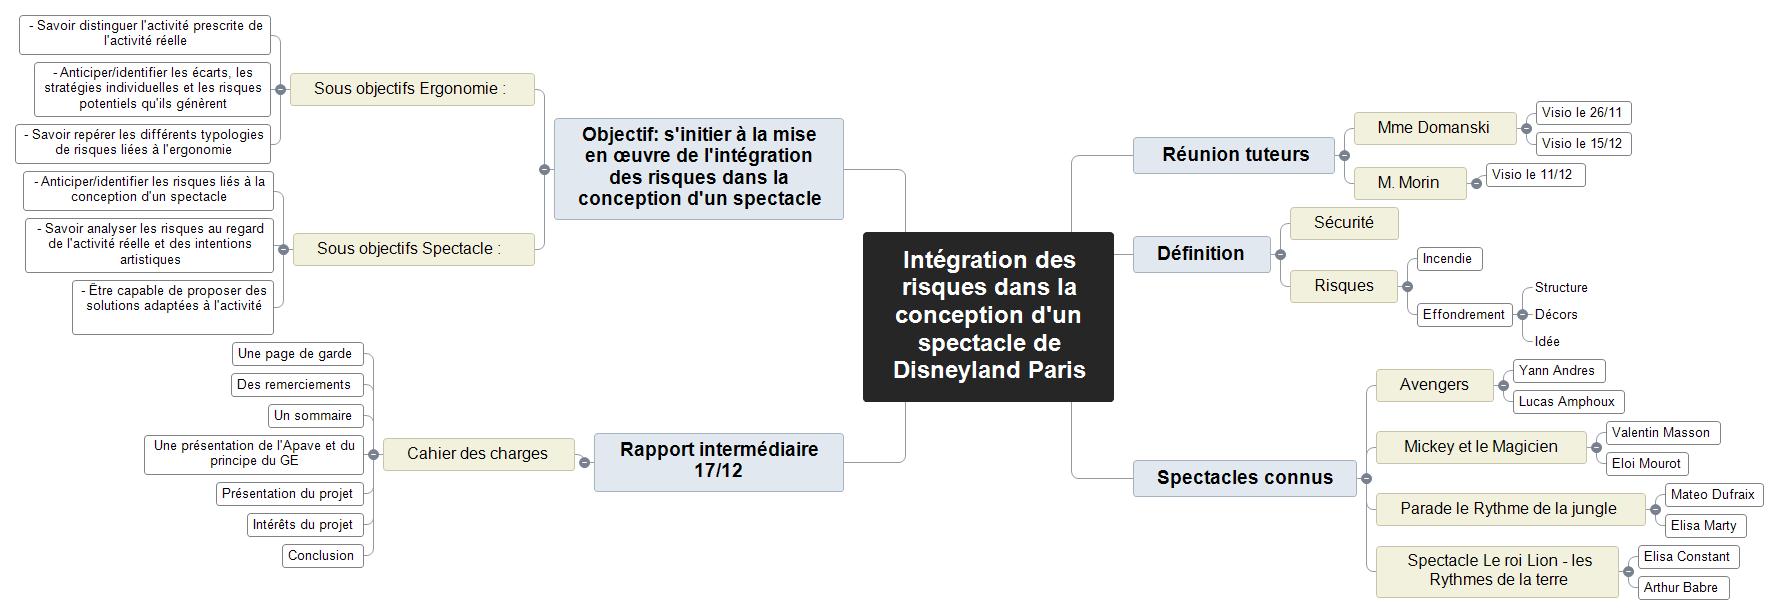 Intégration des risques dans la conception d'un spectacle de Disneyland Paris Mind Maps